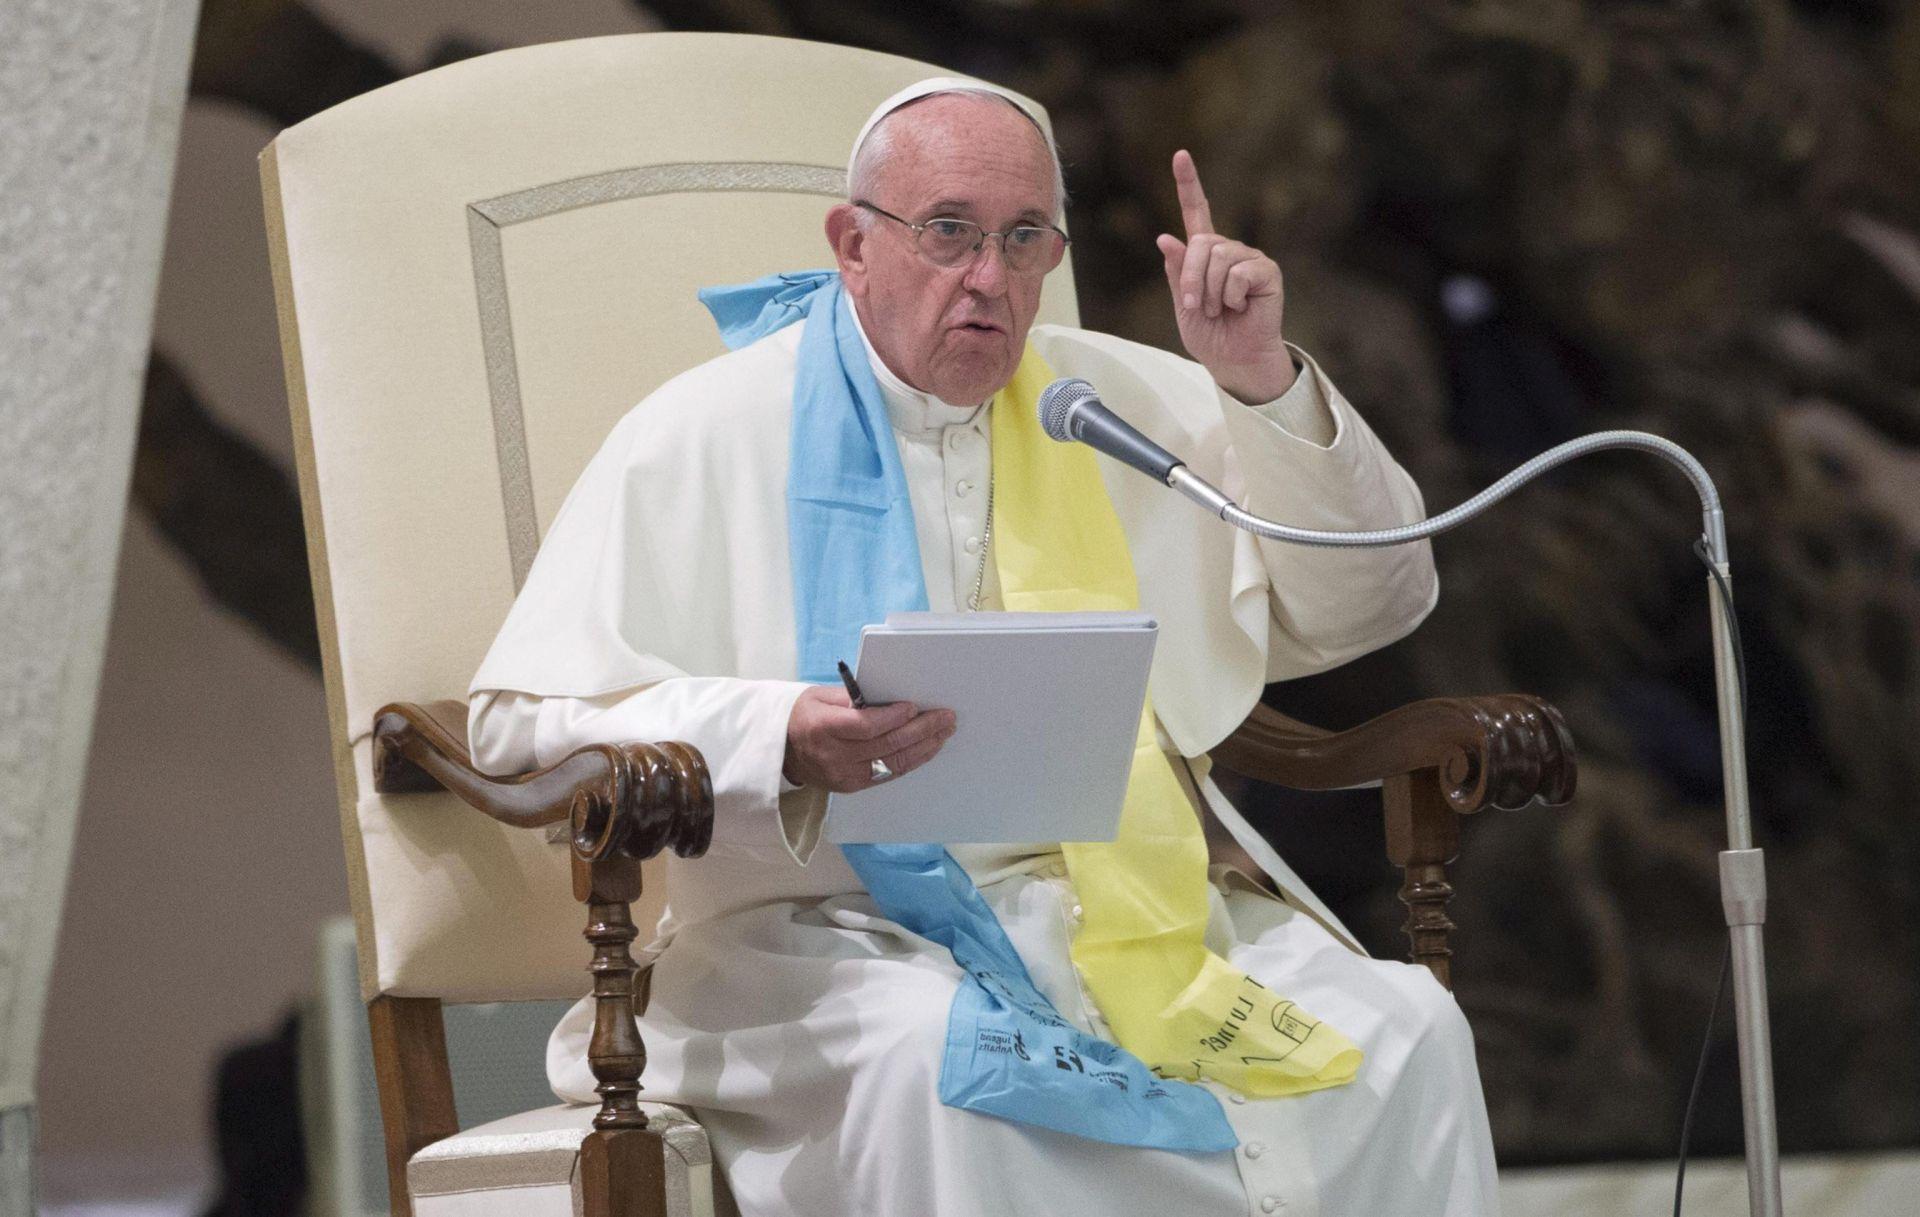 OTVORIO VRATA TURISTIMA: Papa potpuno odustaje od boravka u Castel Gandolfu